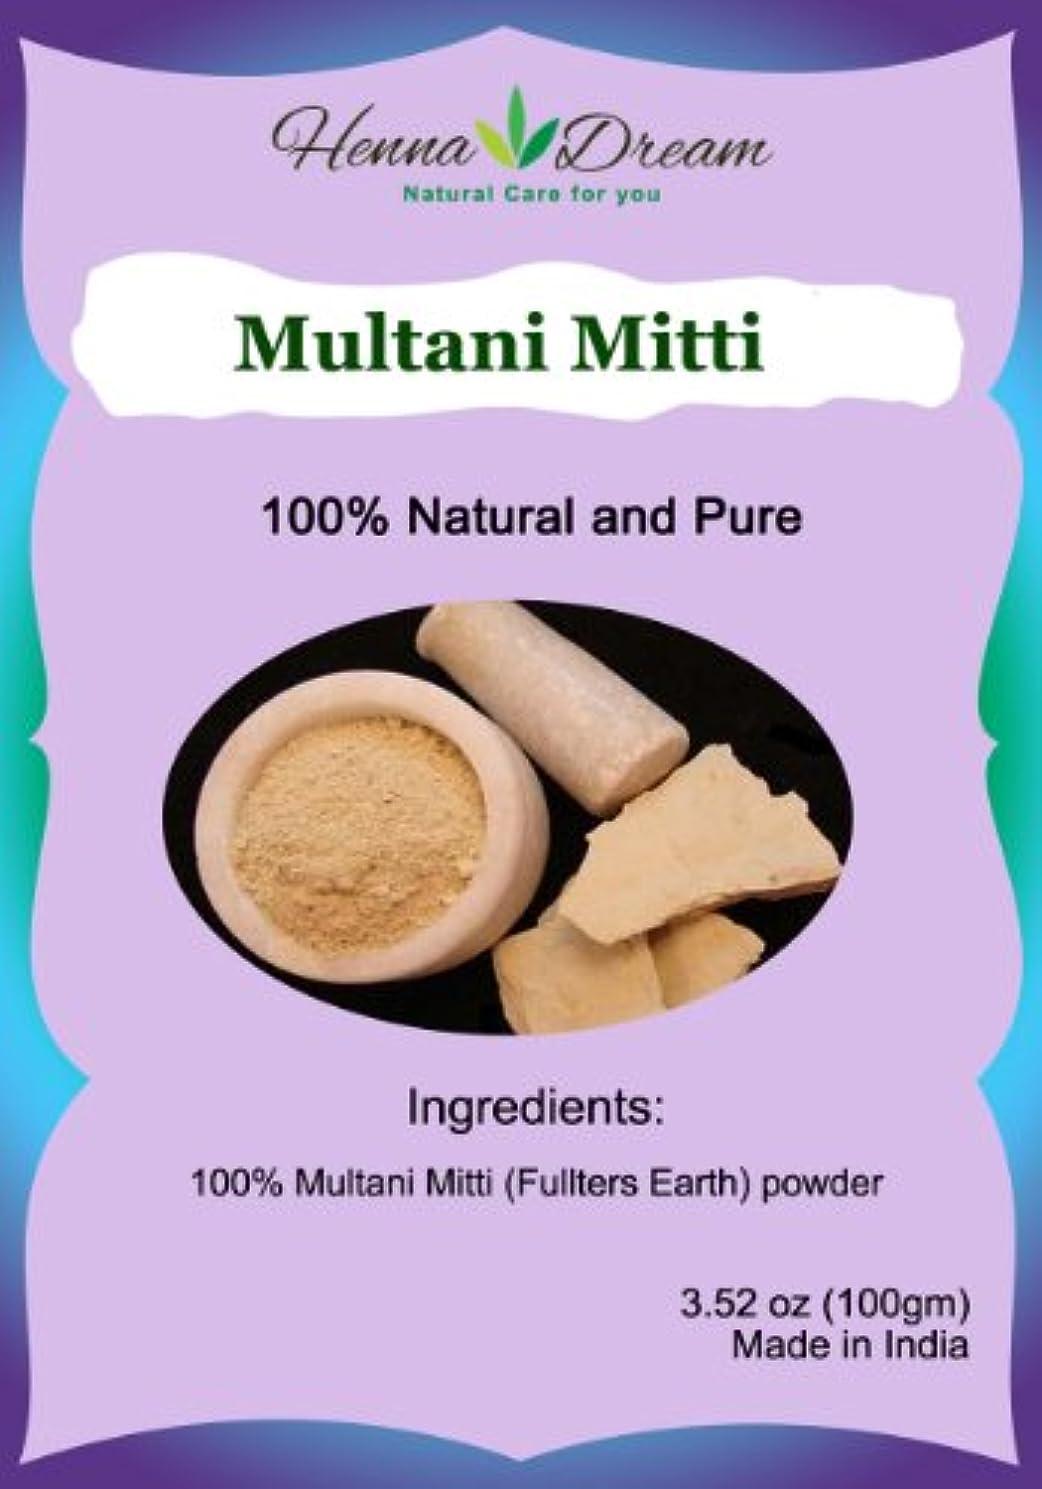 不愉快にバスタブしなければならないMultani Mitti ムルタン語Mitti